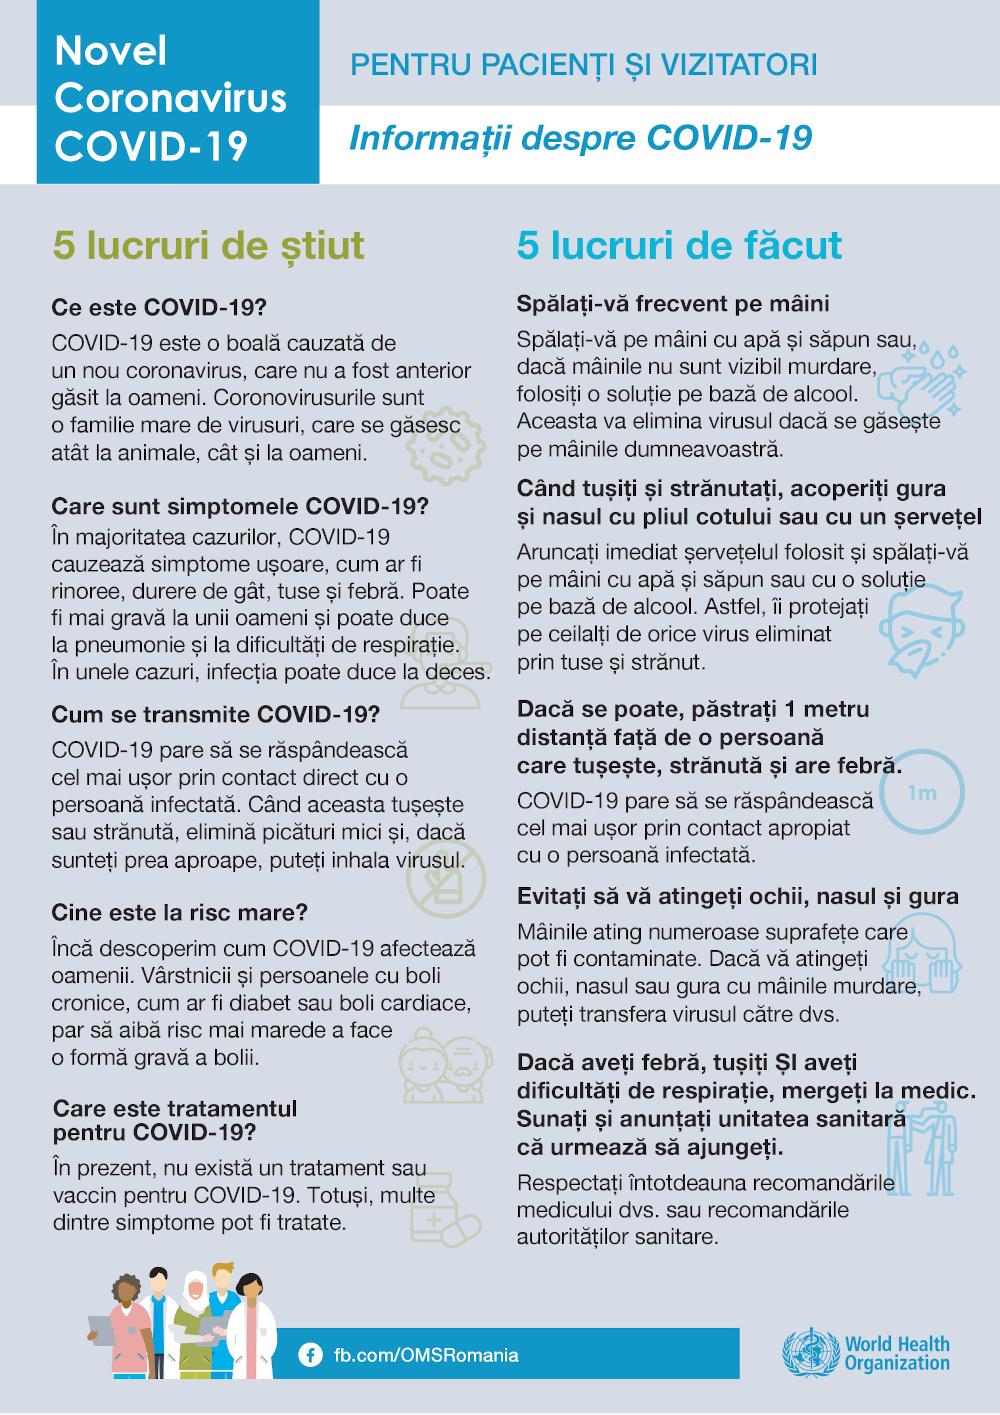 Recomandari pentru personalul medical 5 Urgente stomatologice in Starea de Urgenta nationala